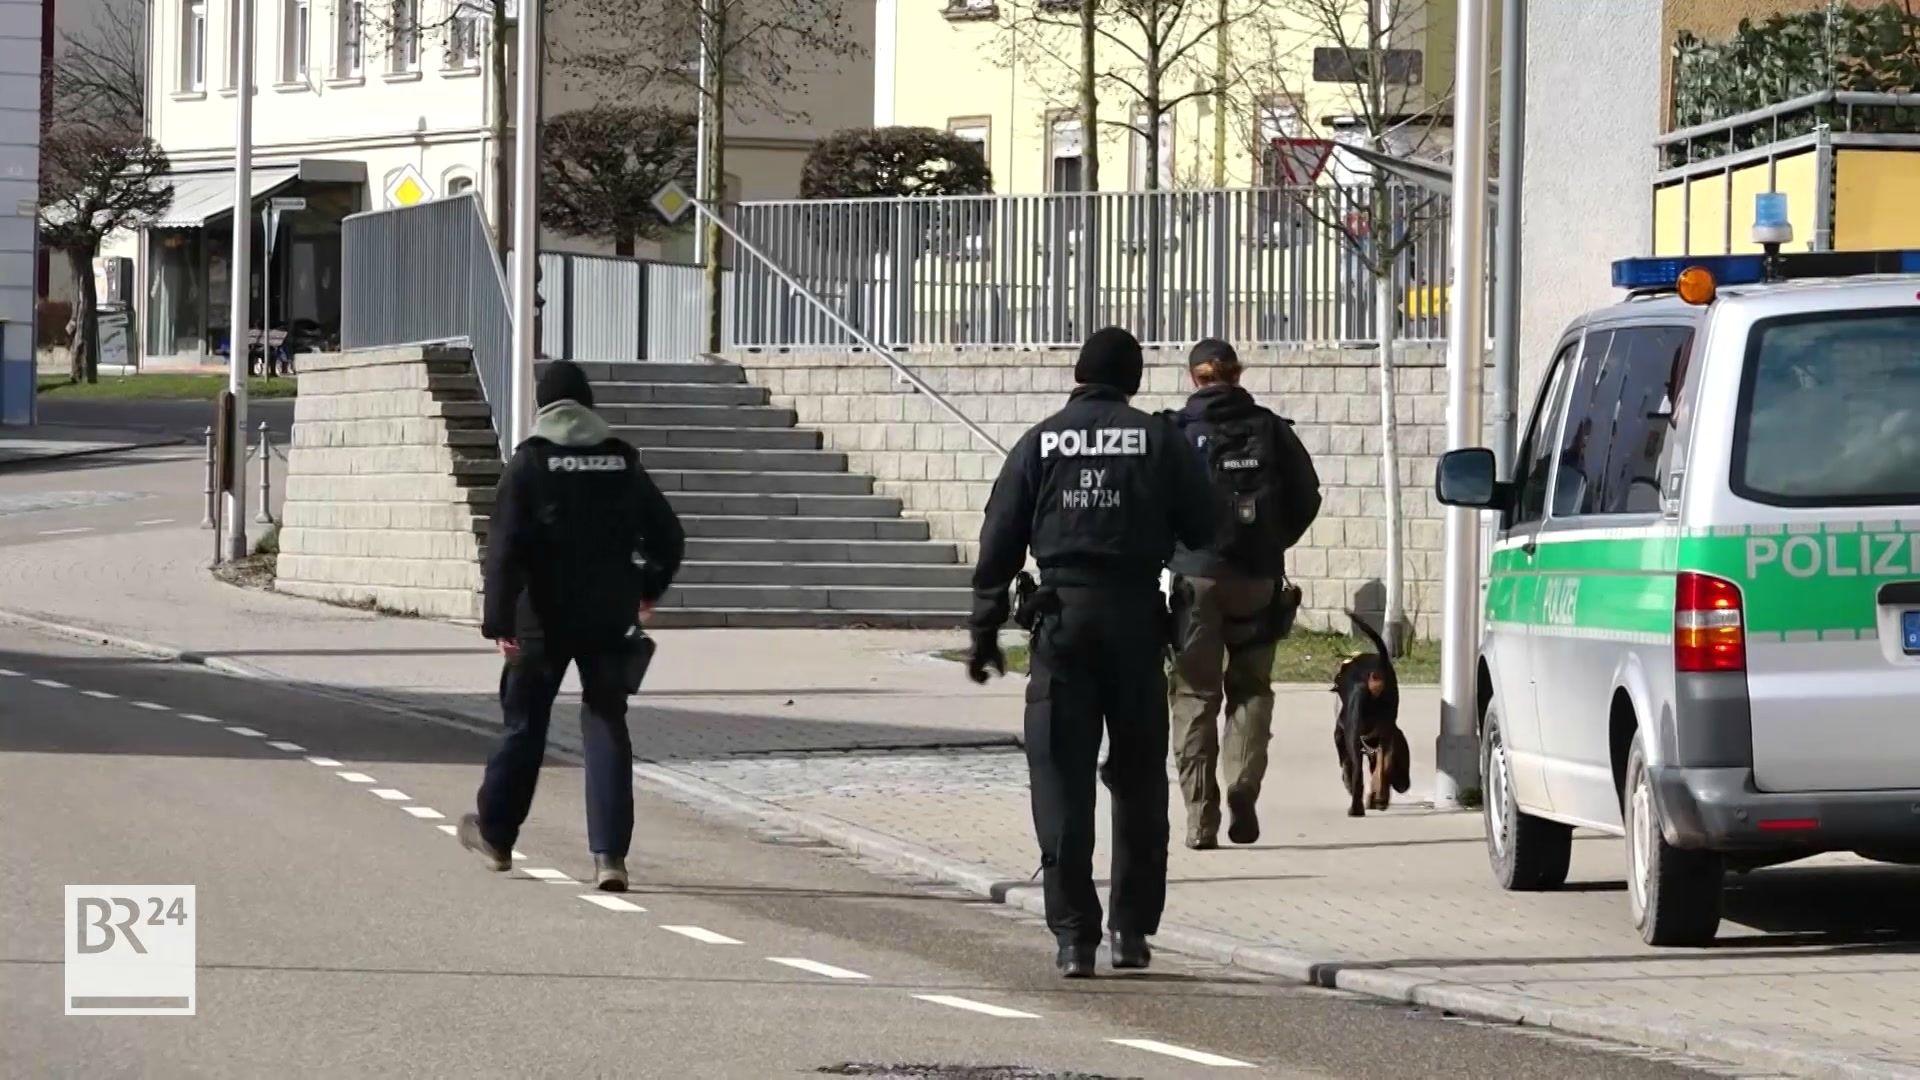 Zwei Bereitschaftspolizisten und ein Hundeführer laufen auf einer Straße